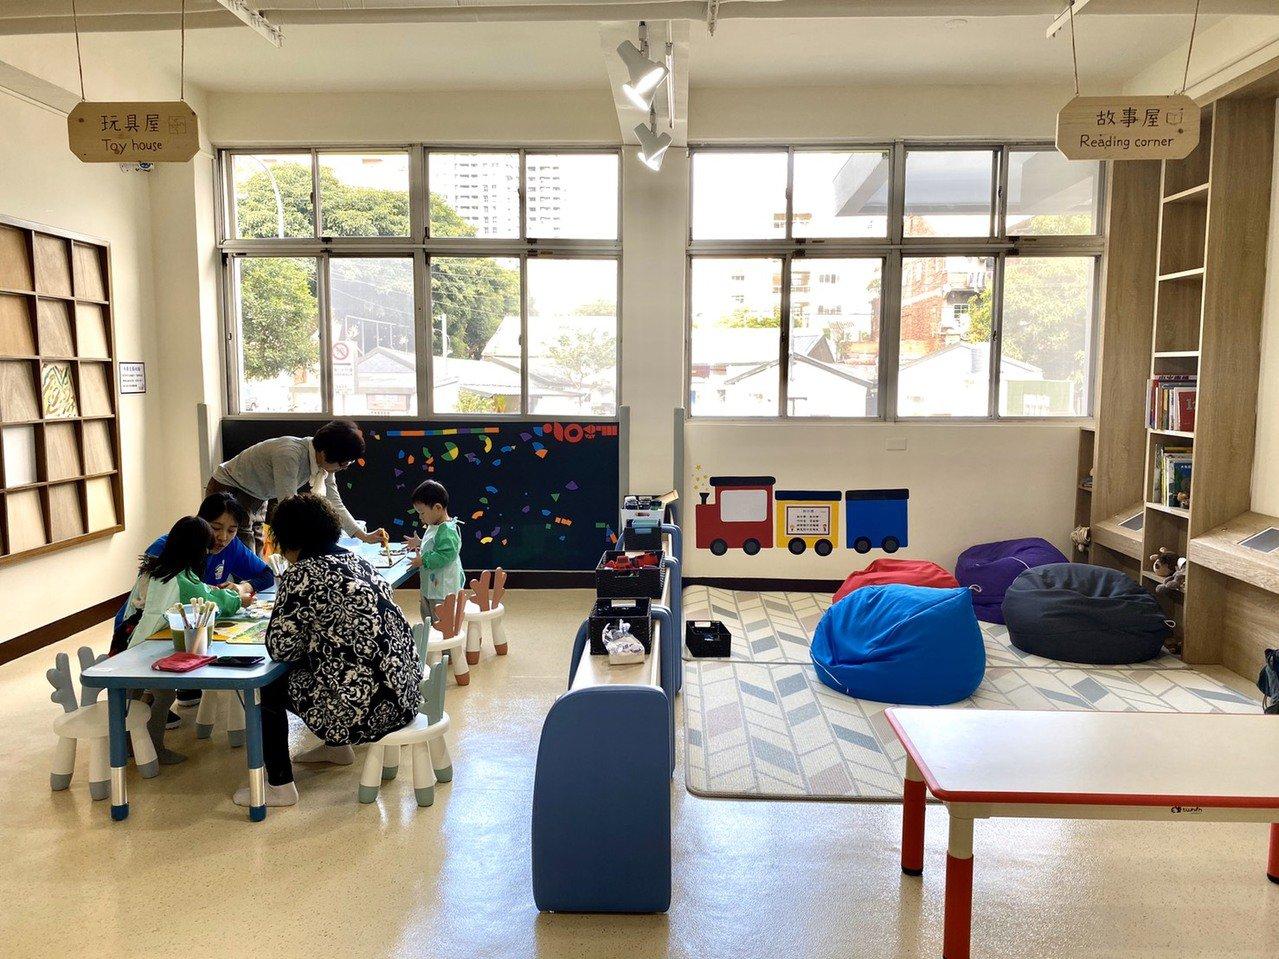 啟發孩子益智的「玩具屋」及運用數位延伸鼓勵親子共讀的「故事屋」。記者魏莨伊/攝影